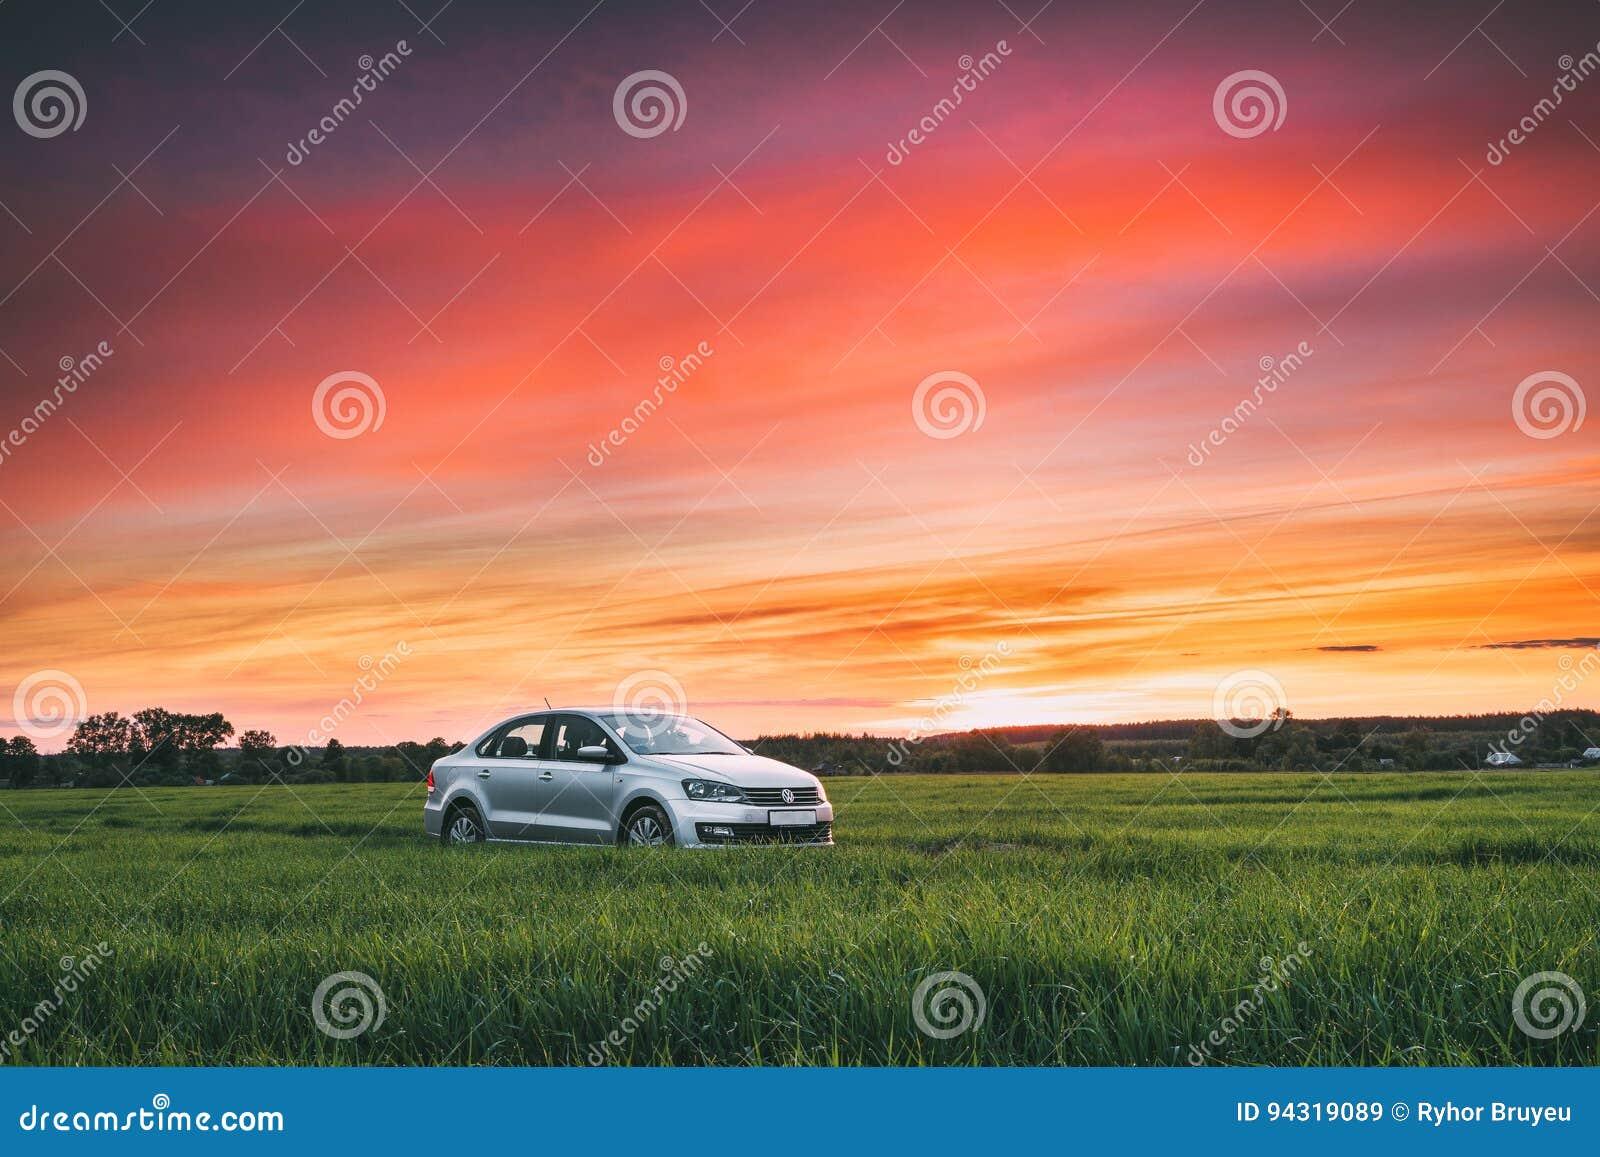 De Landweg van Volkswagen Polo Vento Car Sedan On in de Lentetarwe